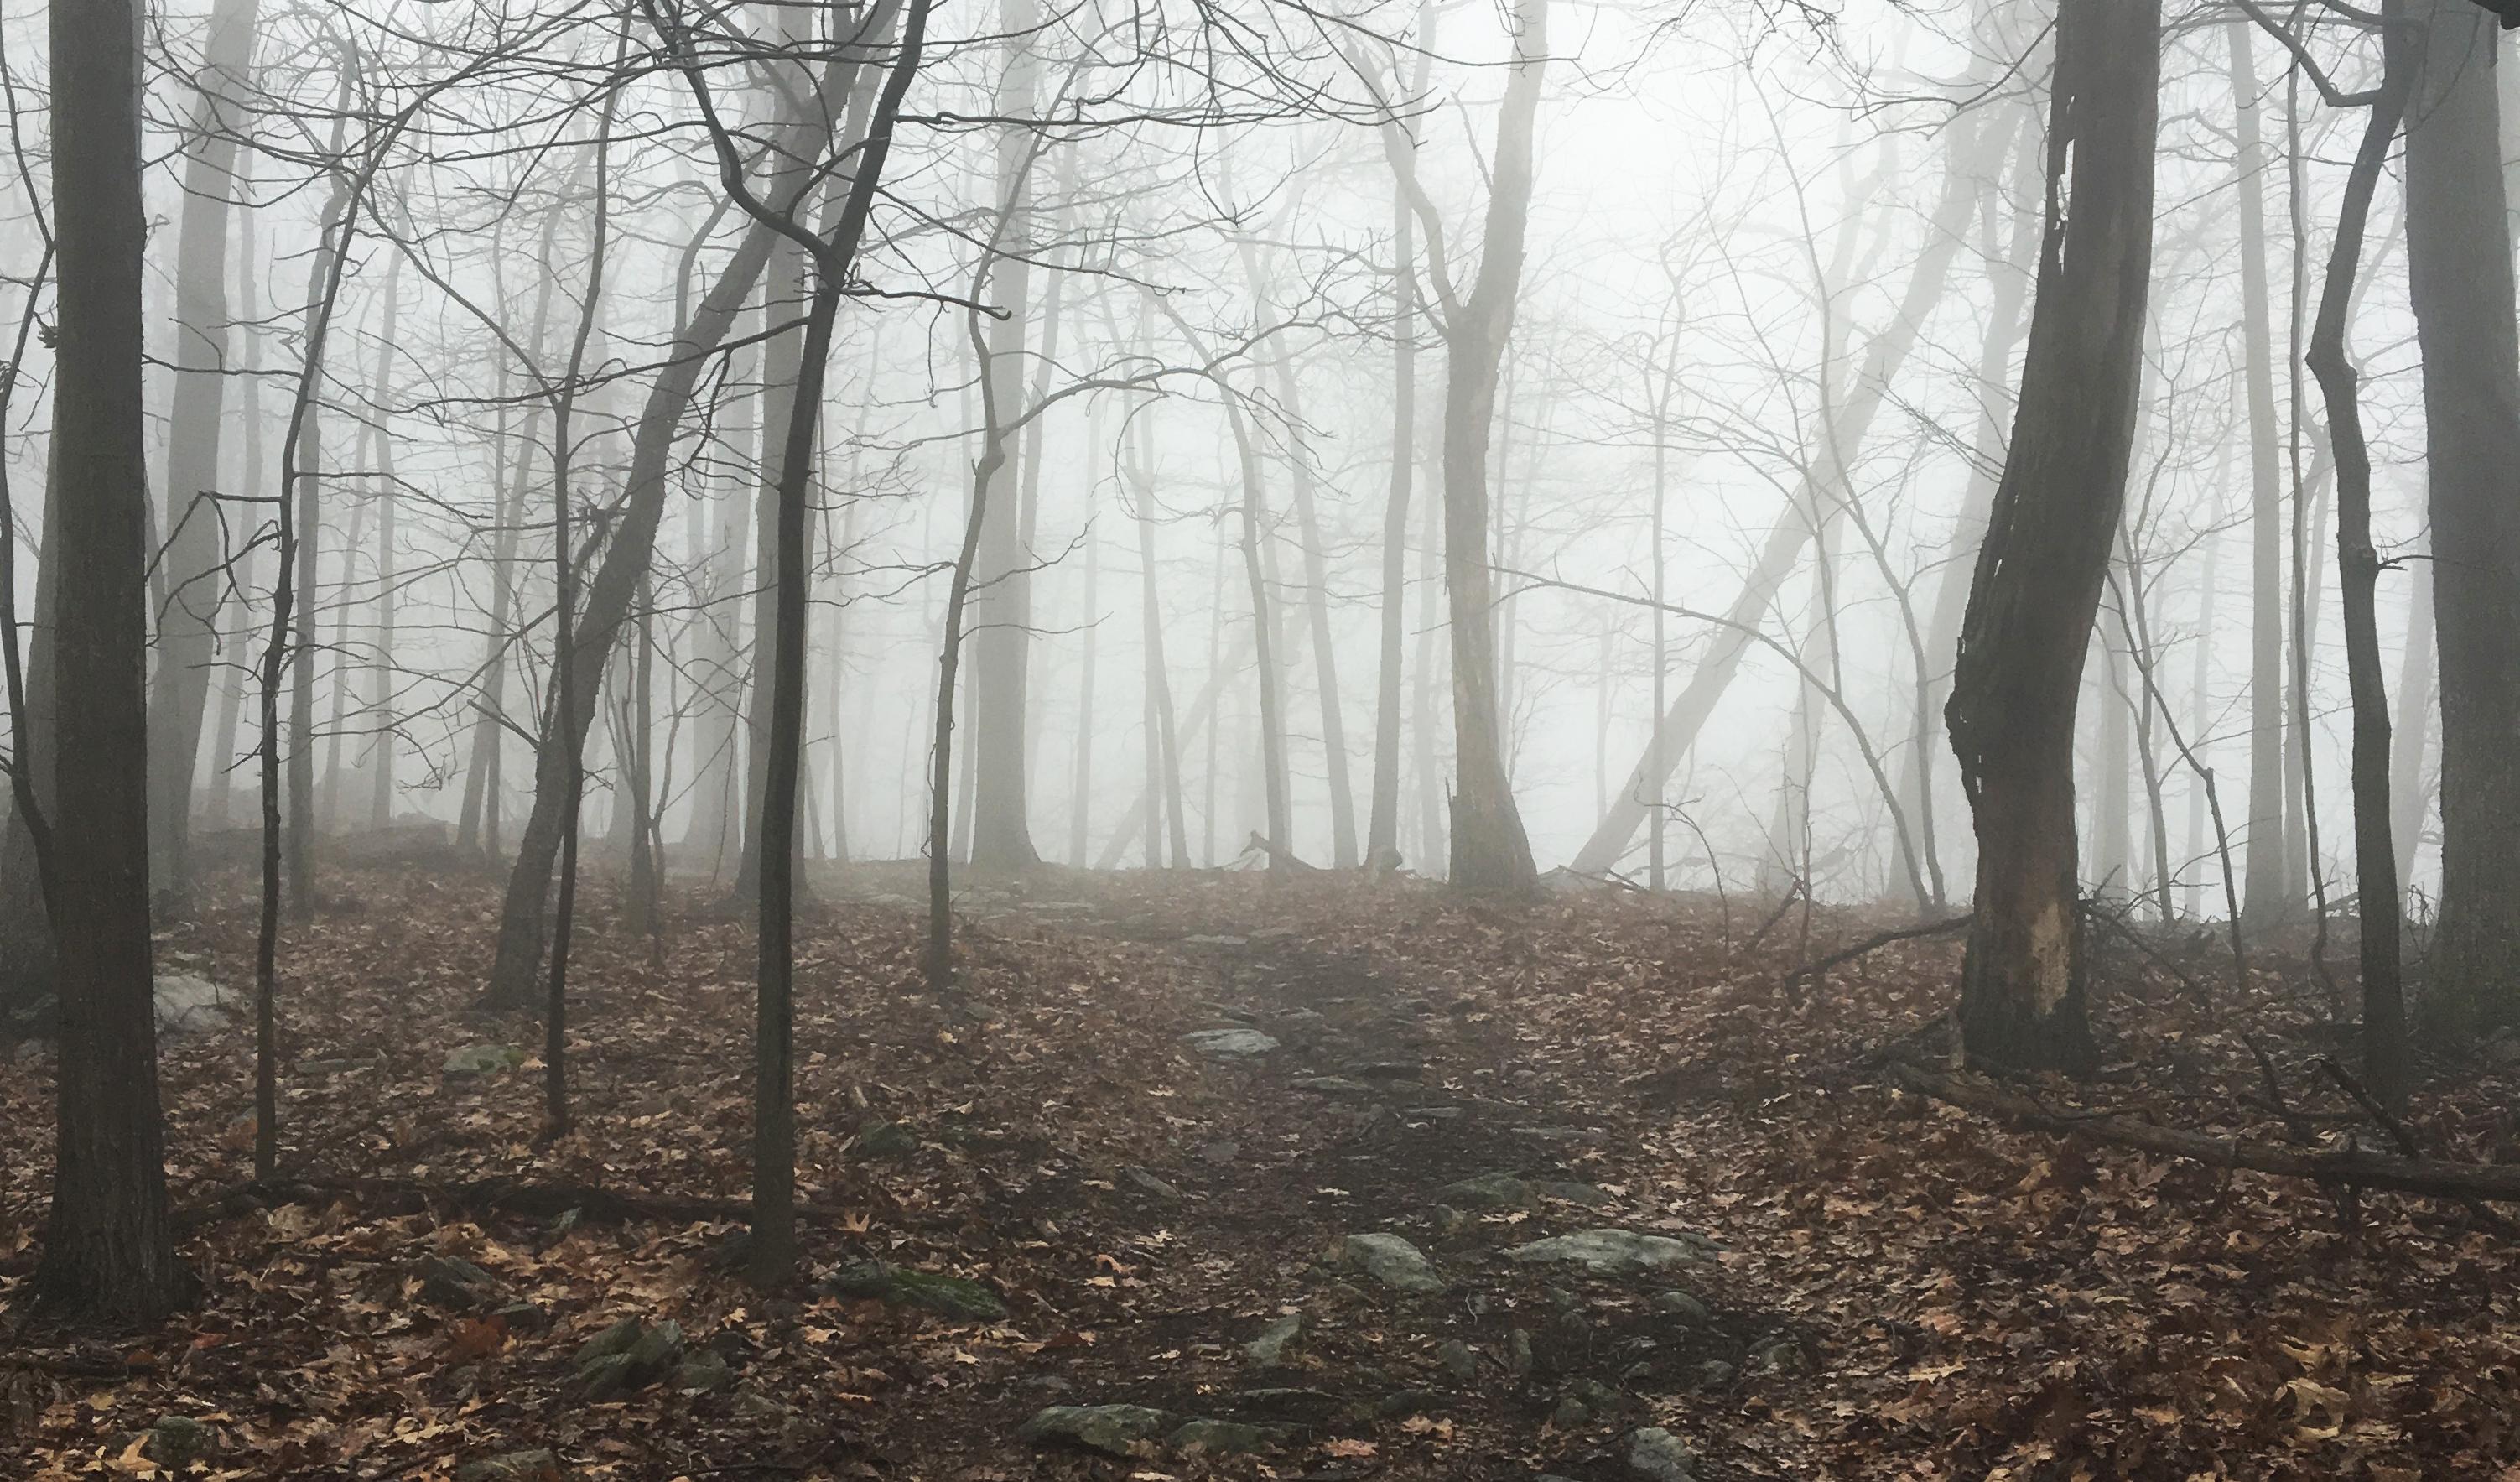 La jolie forêt enchantée